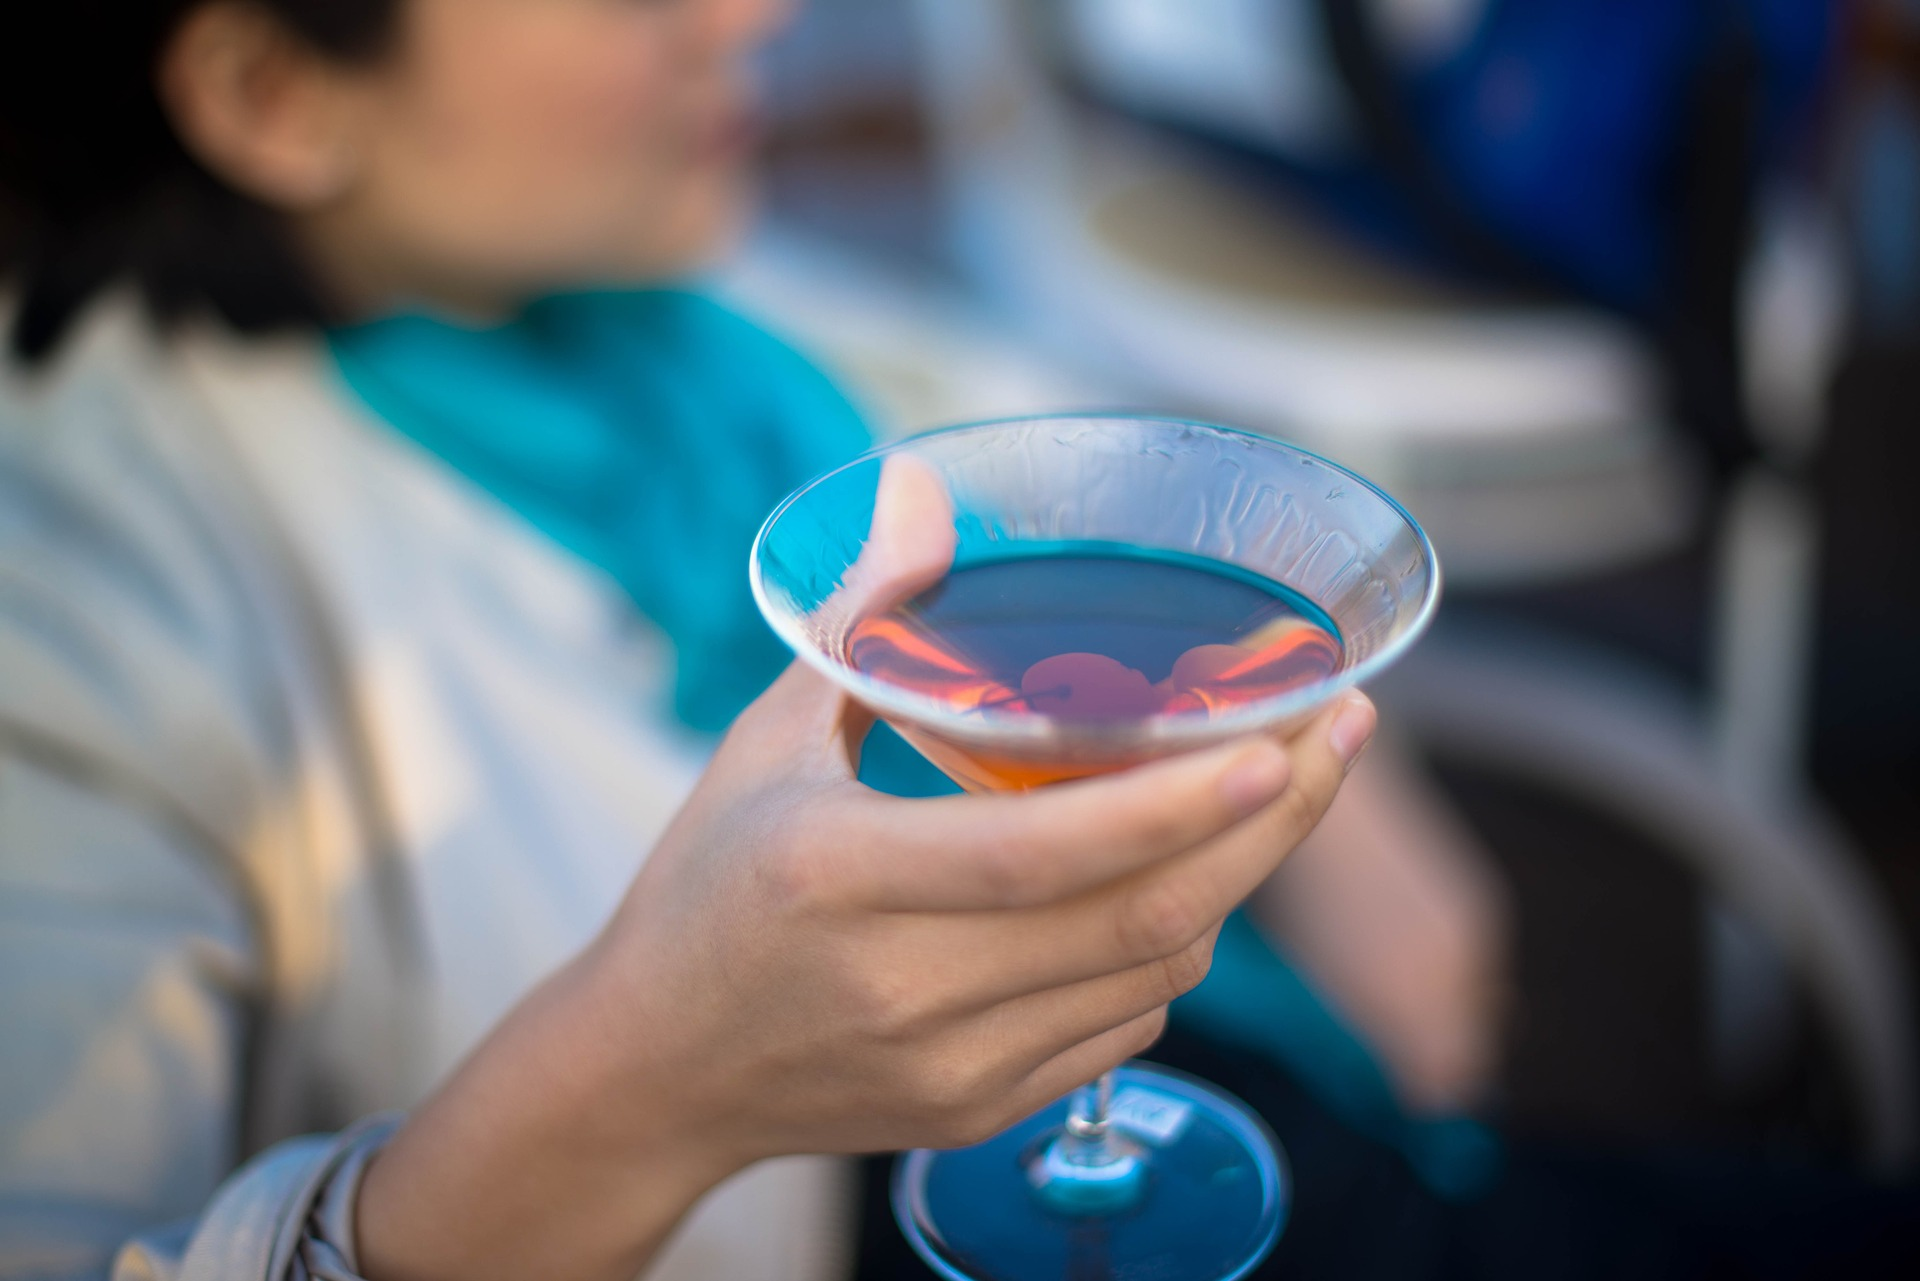 Cocktails © Pexels/Pixabay